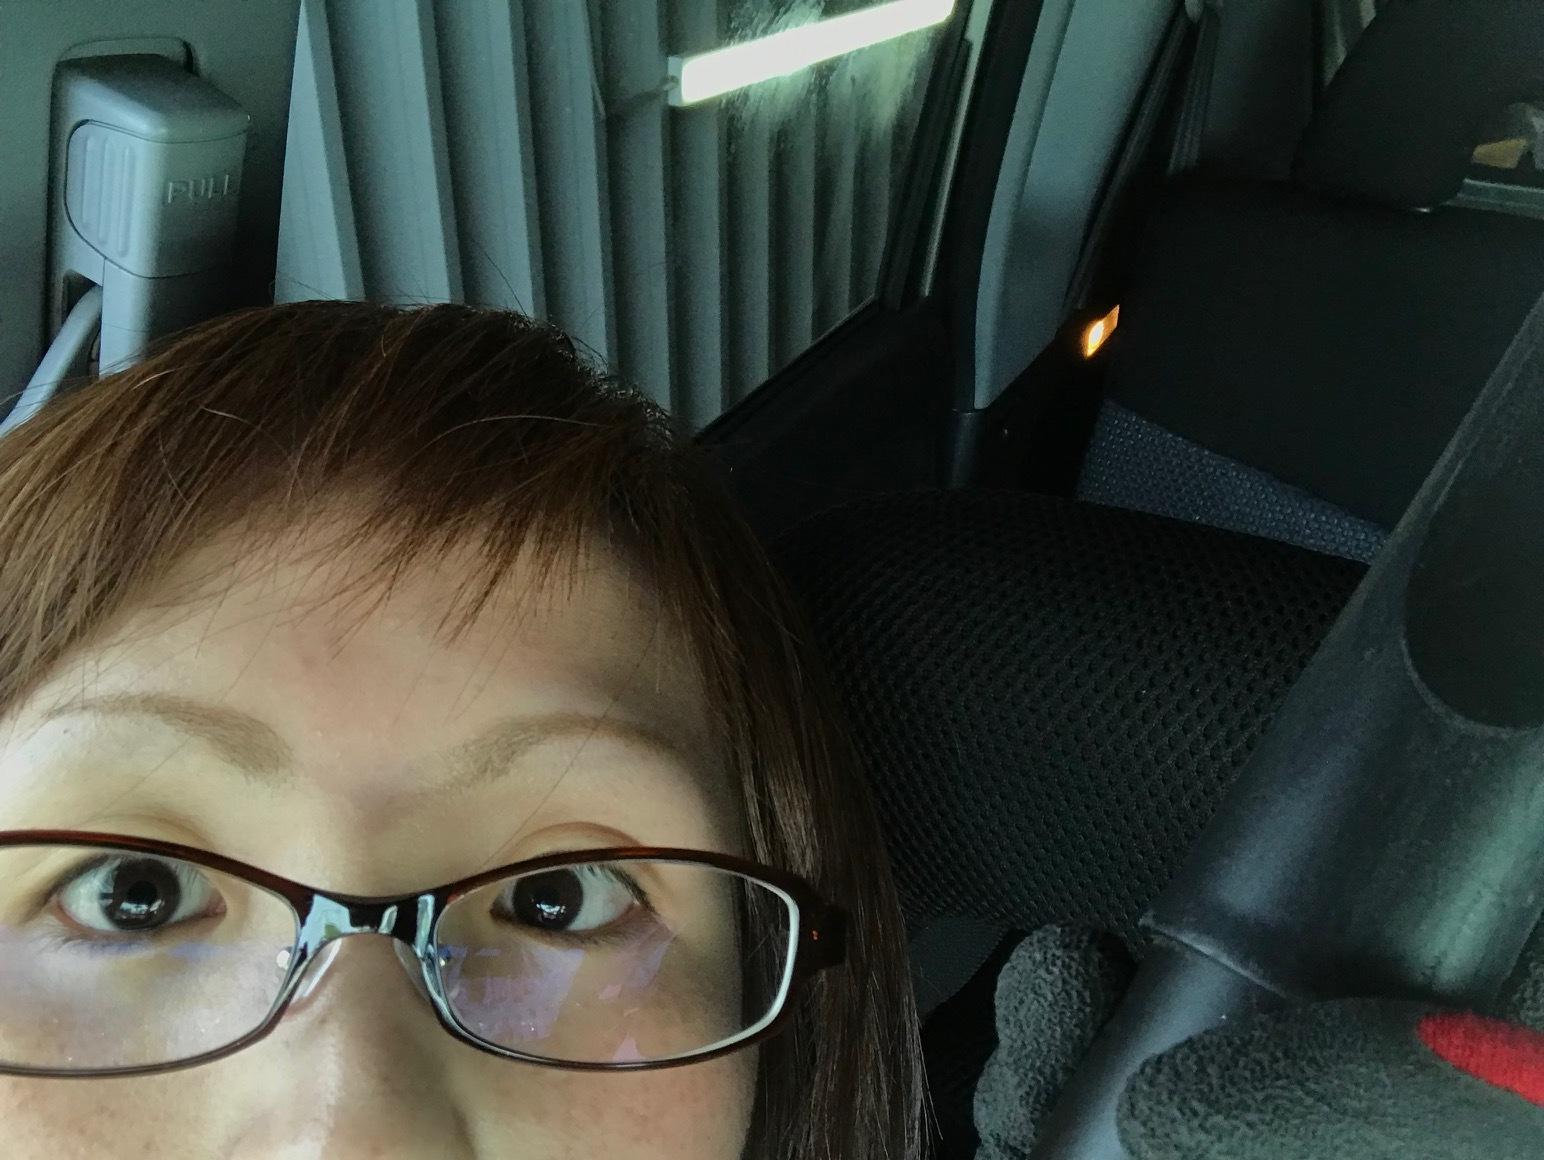 6月2日(土)✿しまぶろぎゅ✿TT H様&MRワゴン G様納車(/・ω・)/ご成約 ハリアーS様(*´ω`*)_b0127002_18200523.jpeg